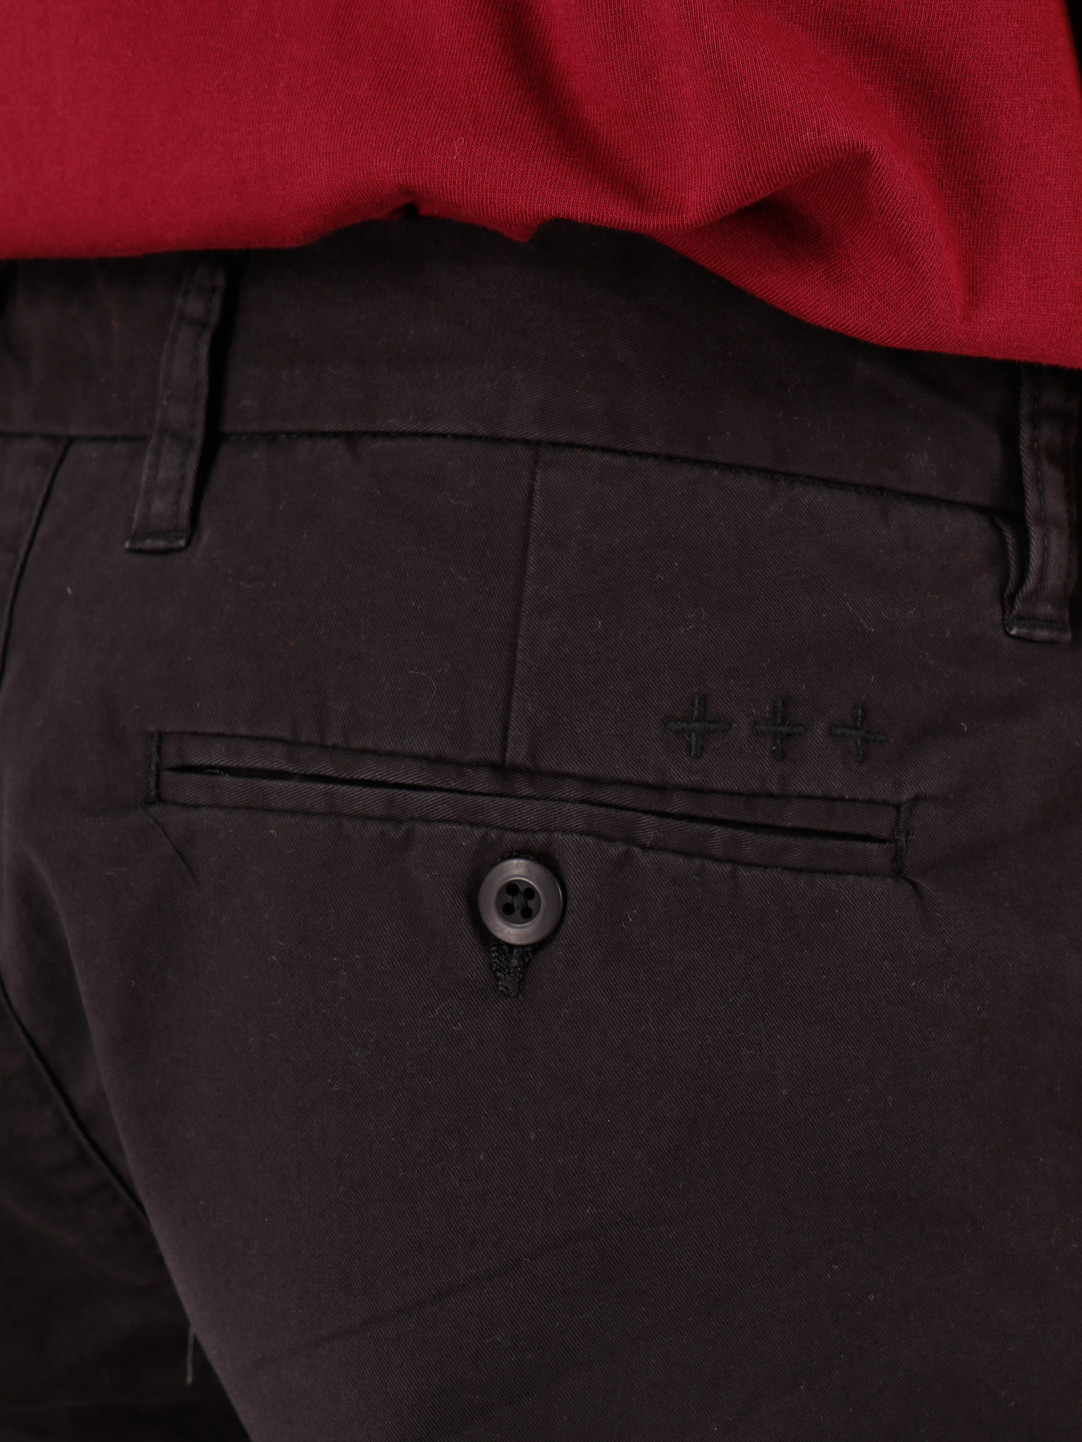 Quality Blanks Quality Blanks QB32 Chino Pant Black